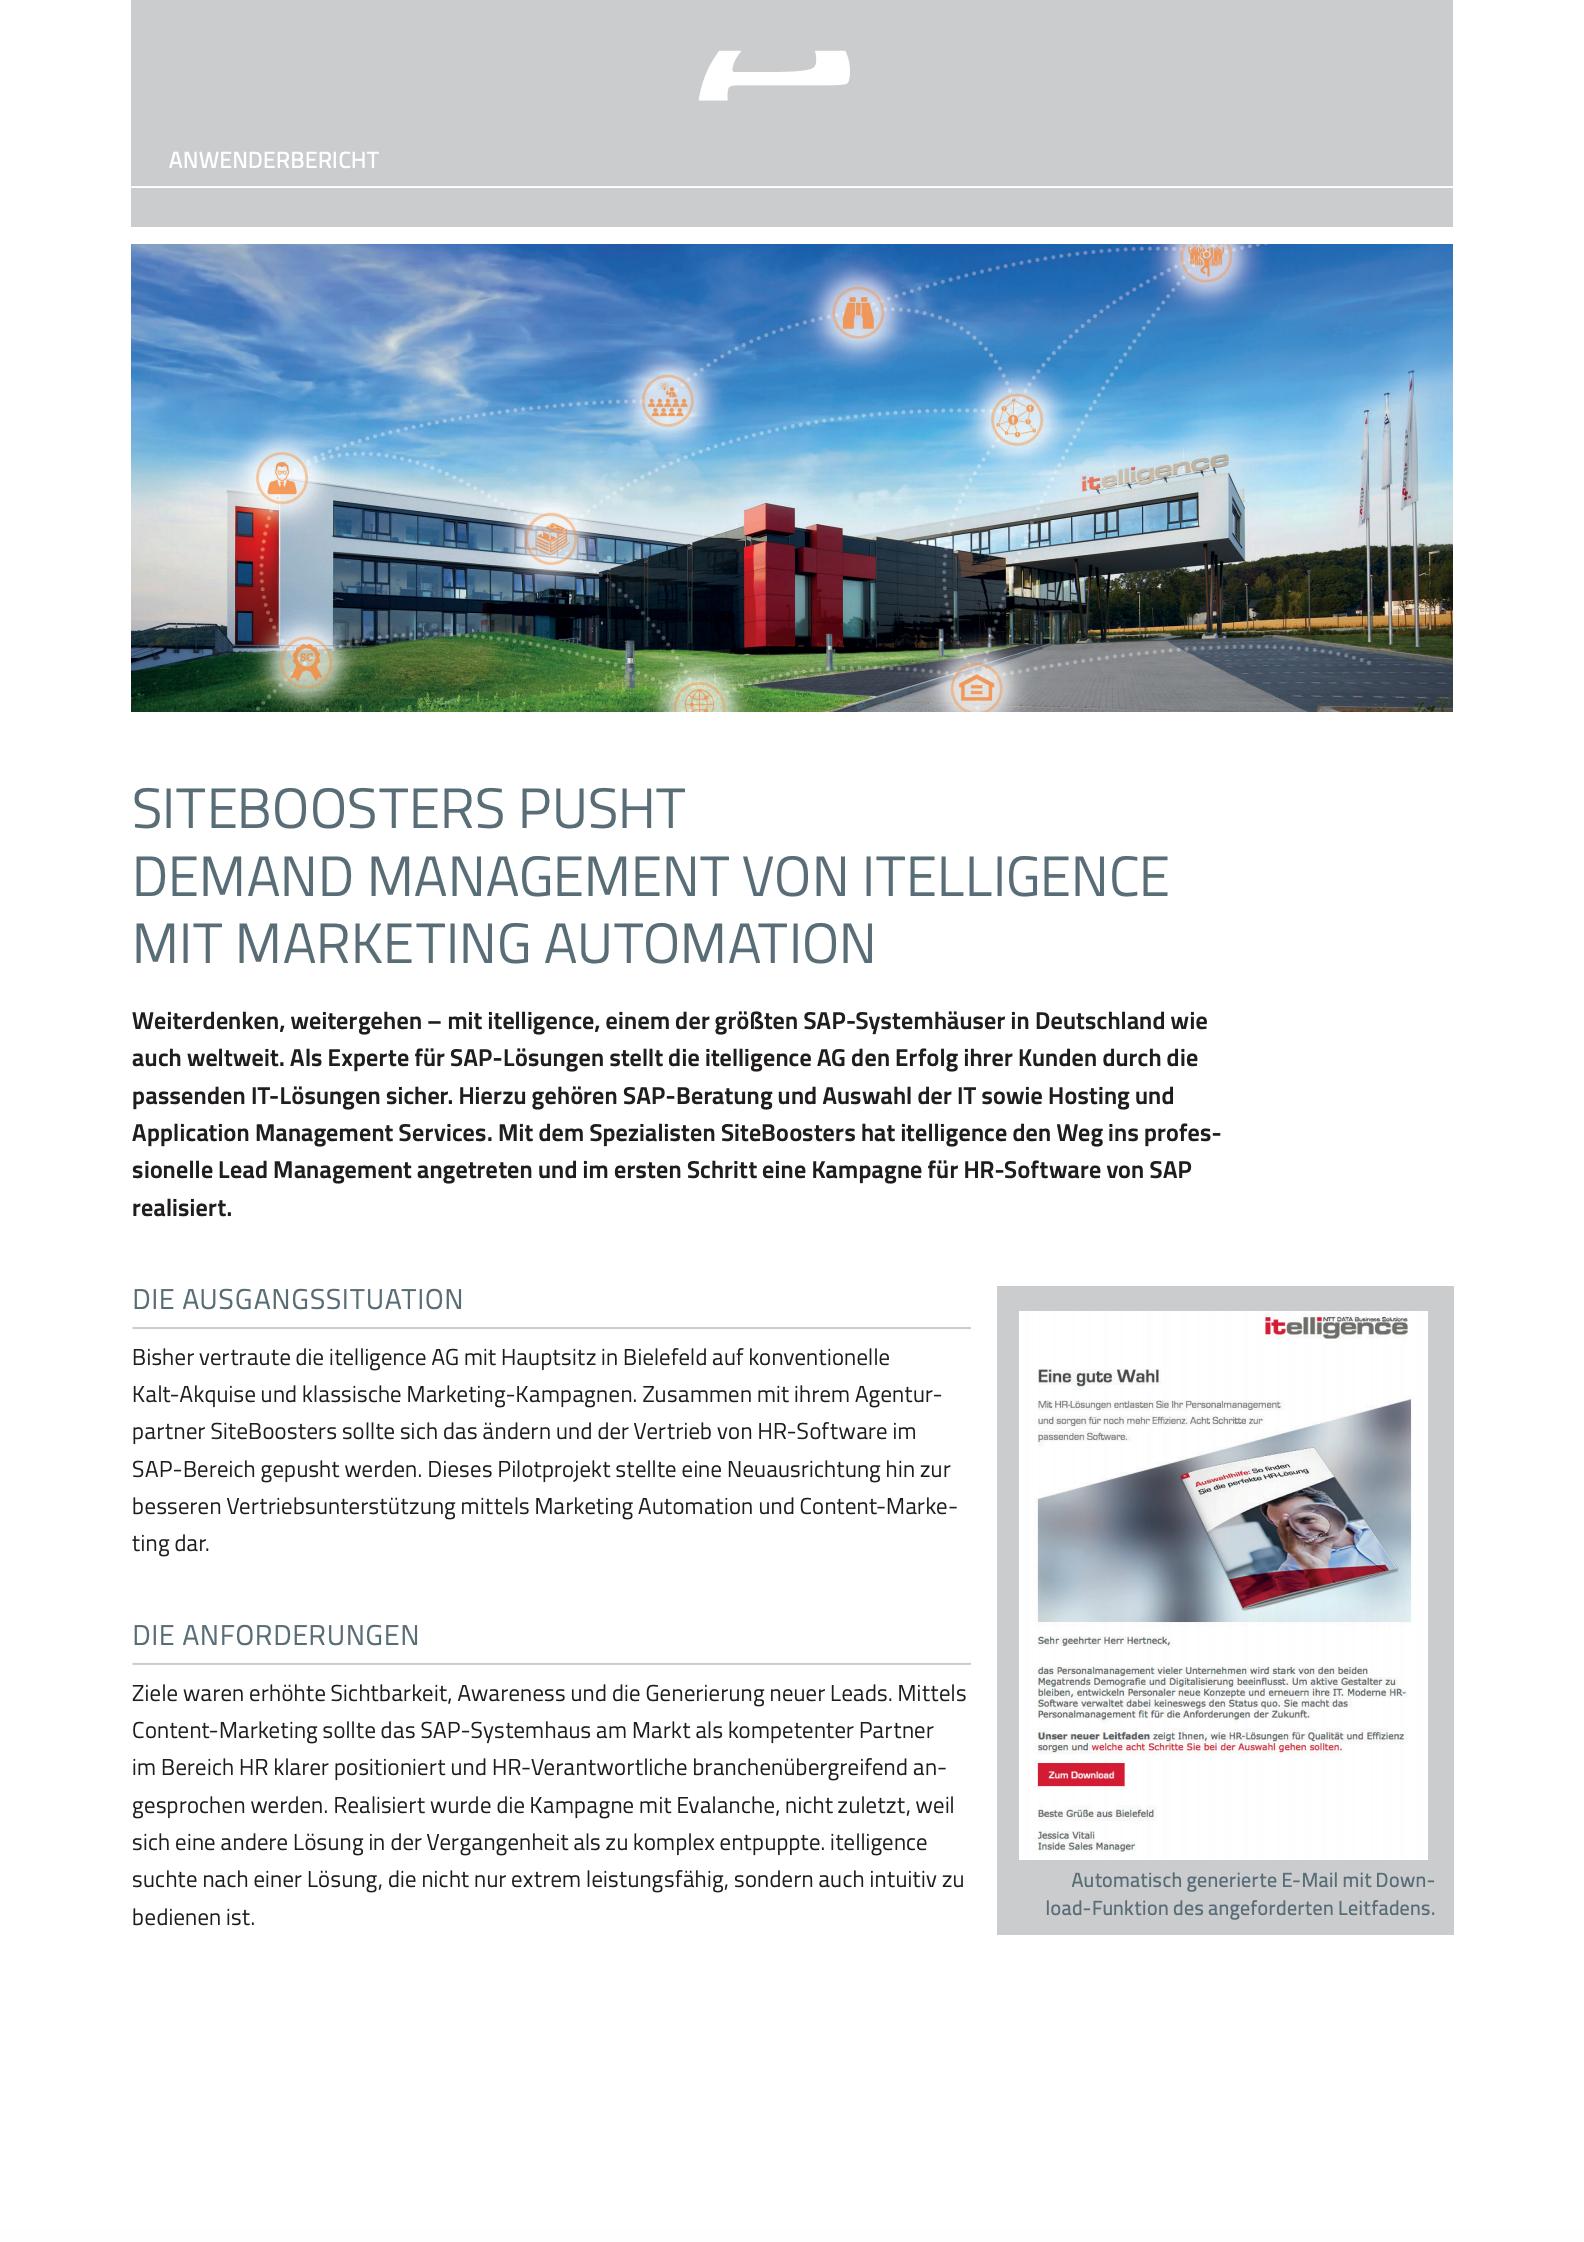 Siteboosters pusht Demand Management von Itelligence mit Marketing Automation